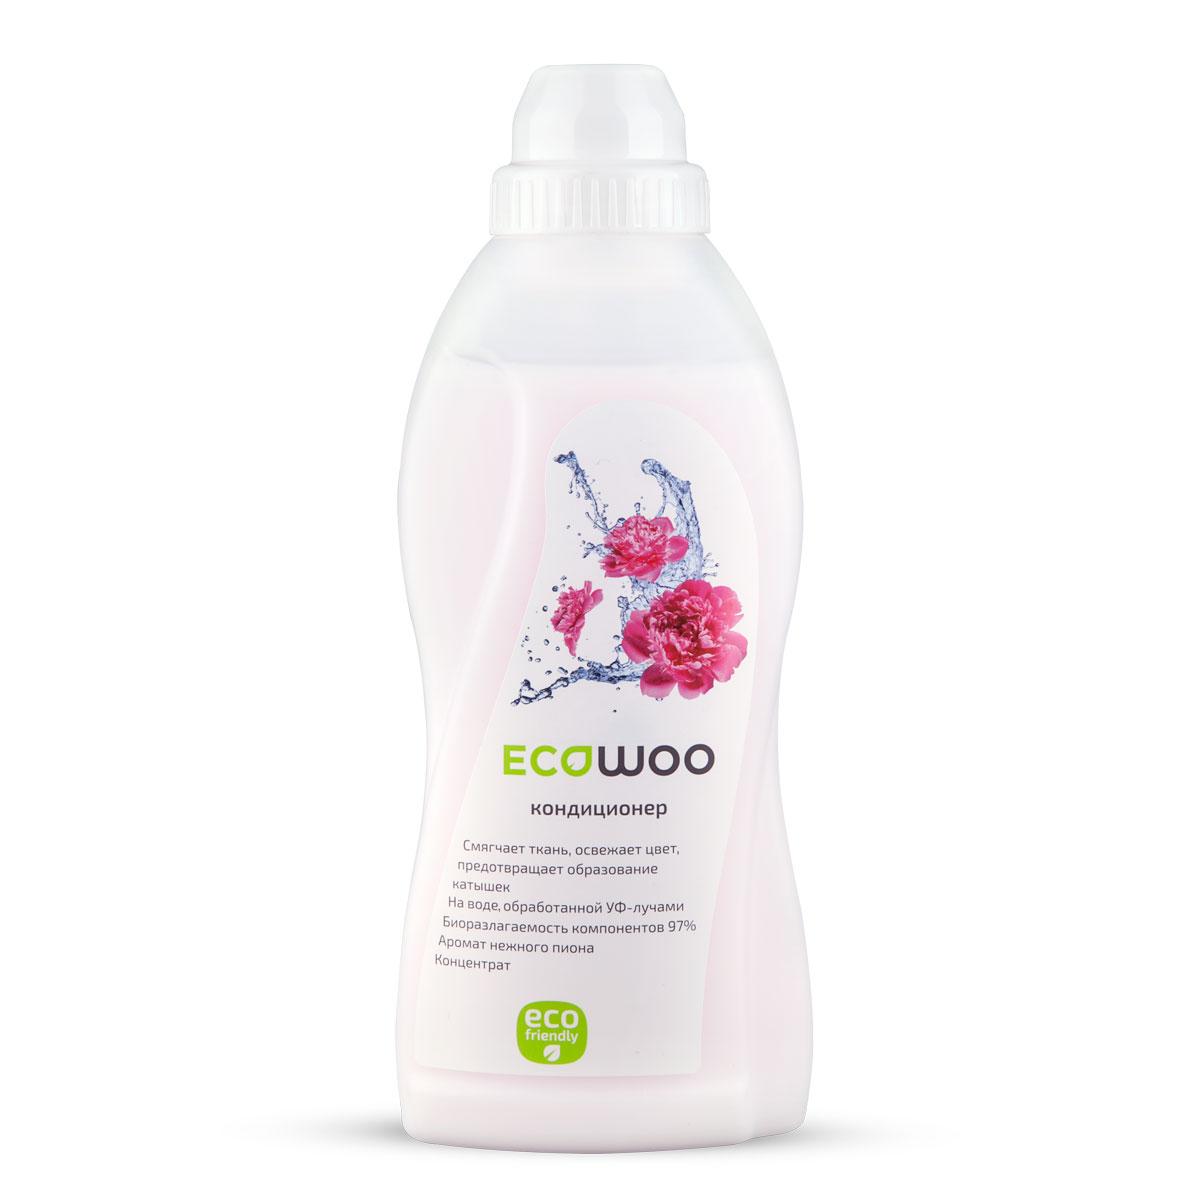 Кондиционер-ополаскиватель EcoWoo Нежный пион, 0,7 лЕ096250Смягчает ткань, освежает цвет, предотвращает образование катышек. На воде, обработанной УФ- лучами. Биоразлагаемость компонентов 97%. Аромат нежного пиона.